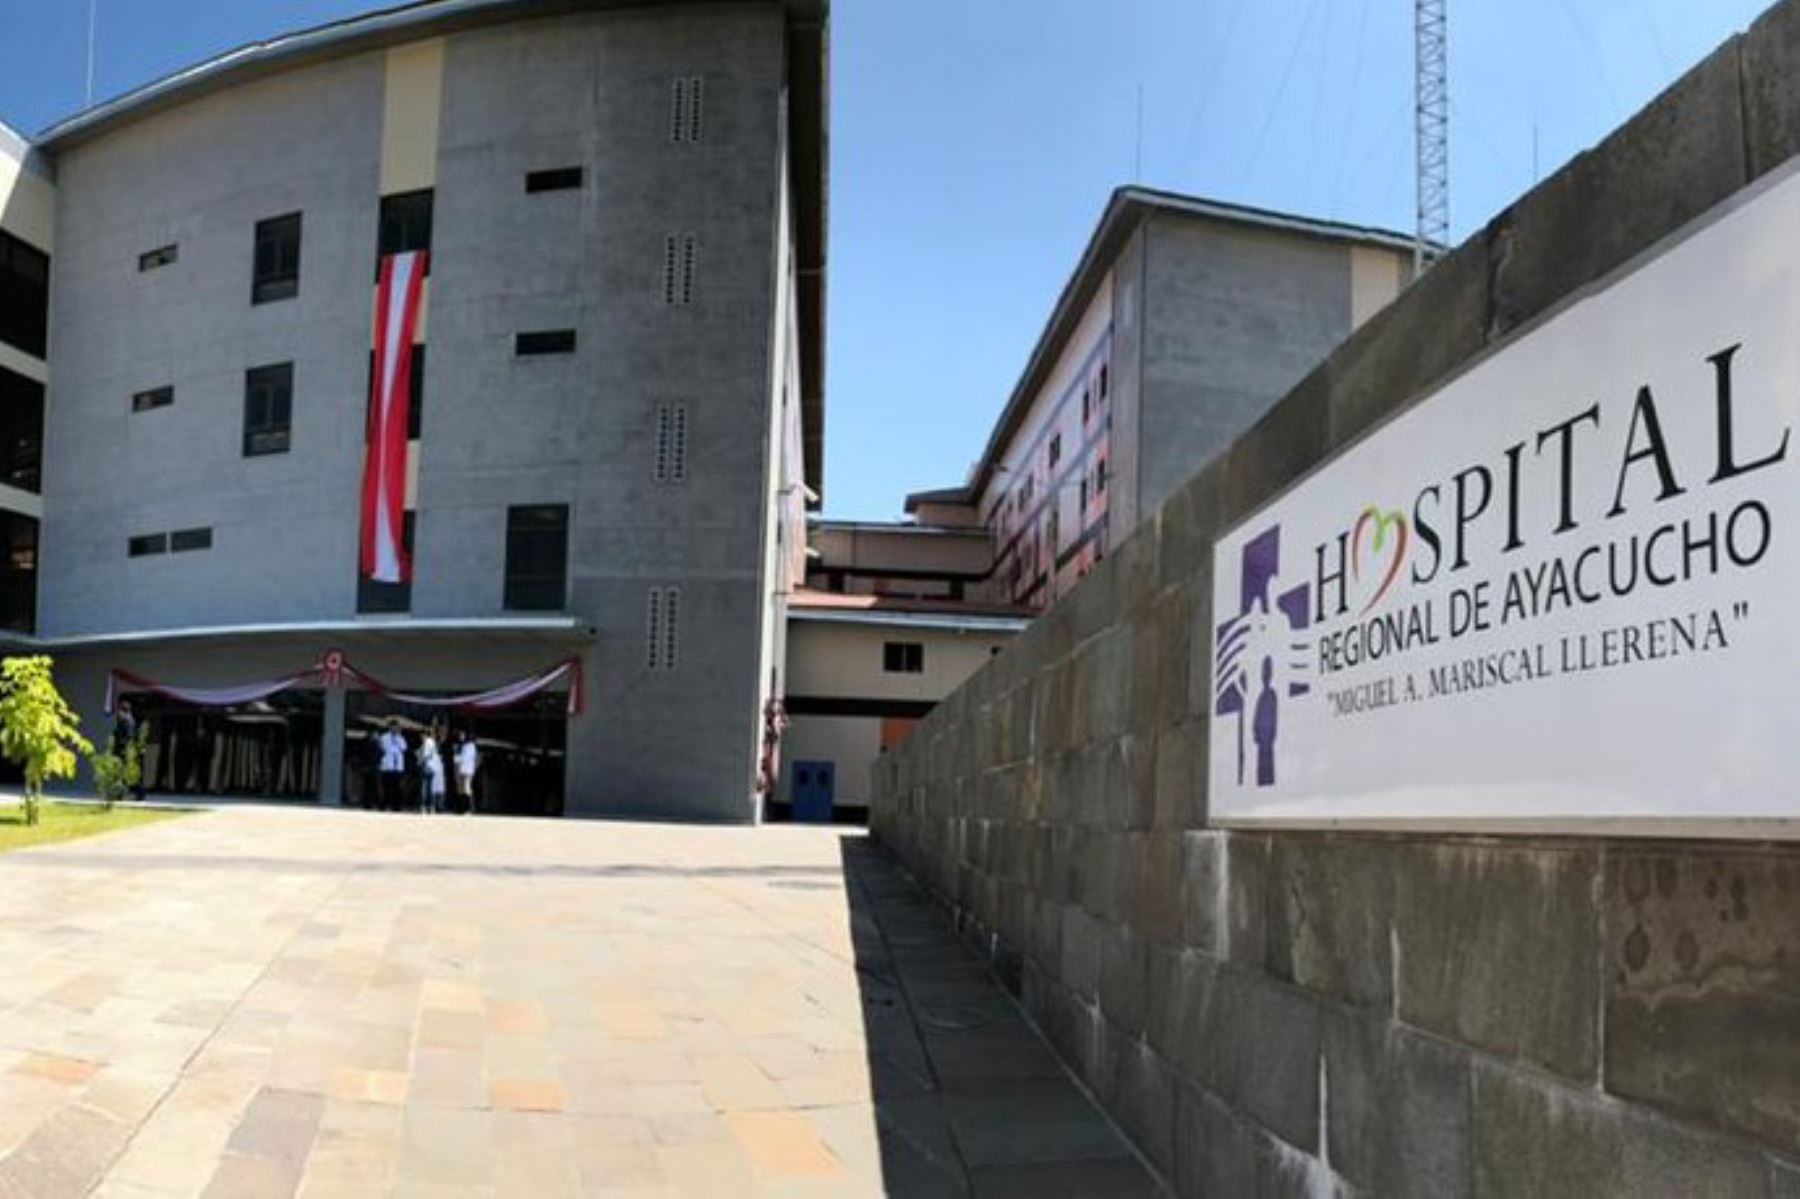 El nuevo Hospital Regional de Ayacucho está ubicado en el distrito de Andrés Avelino Cáceres. Foto: ANDINA/Minsa